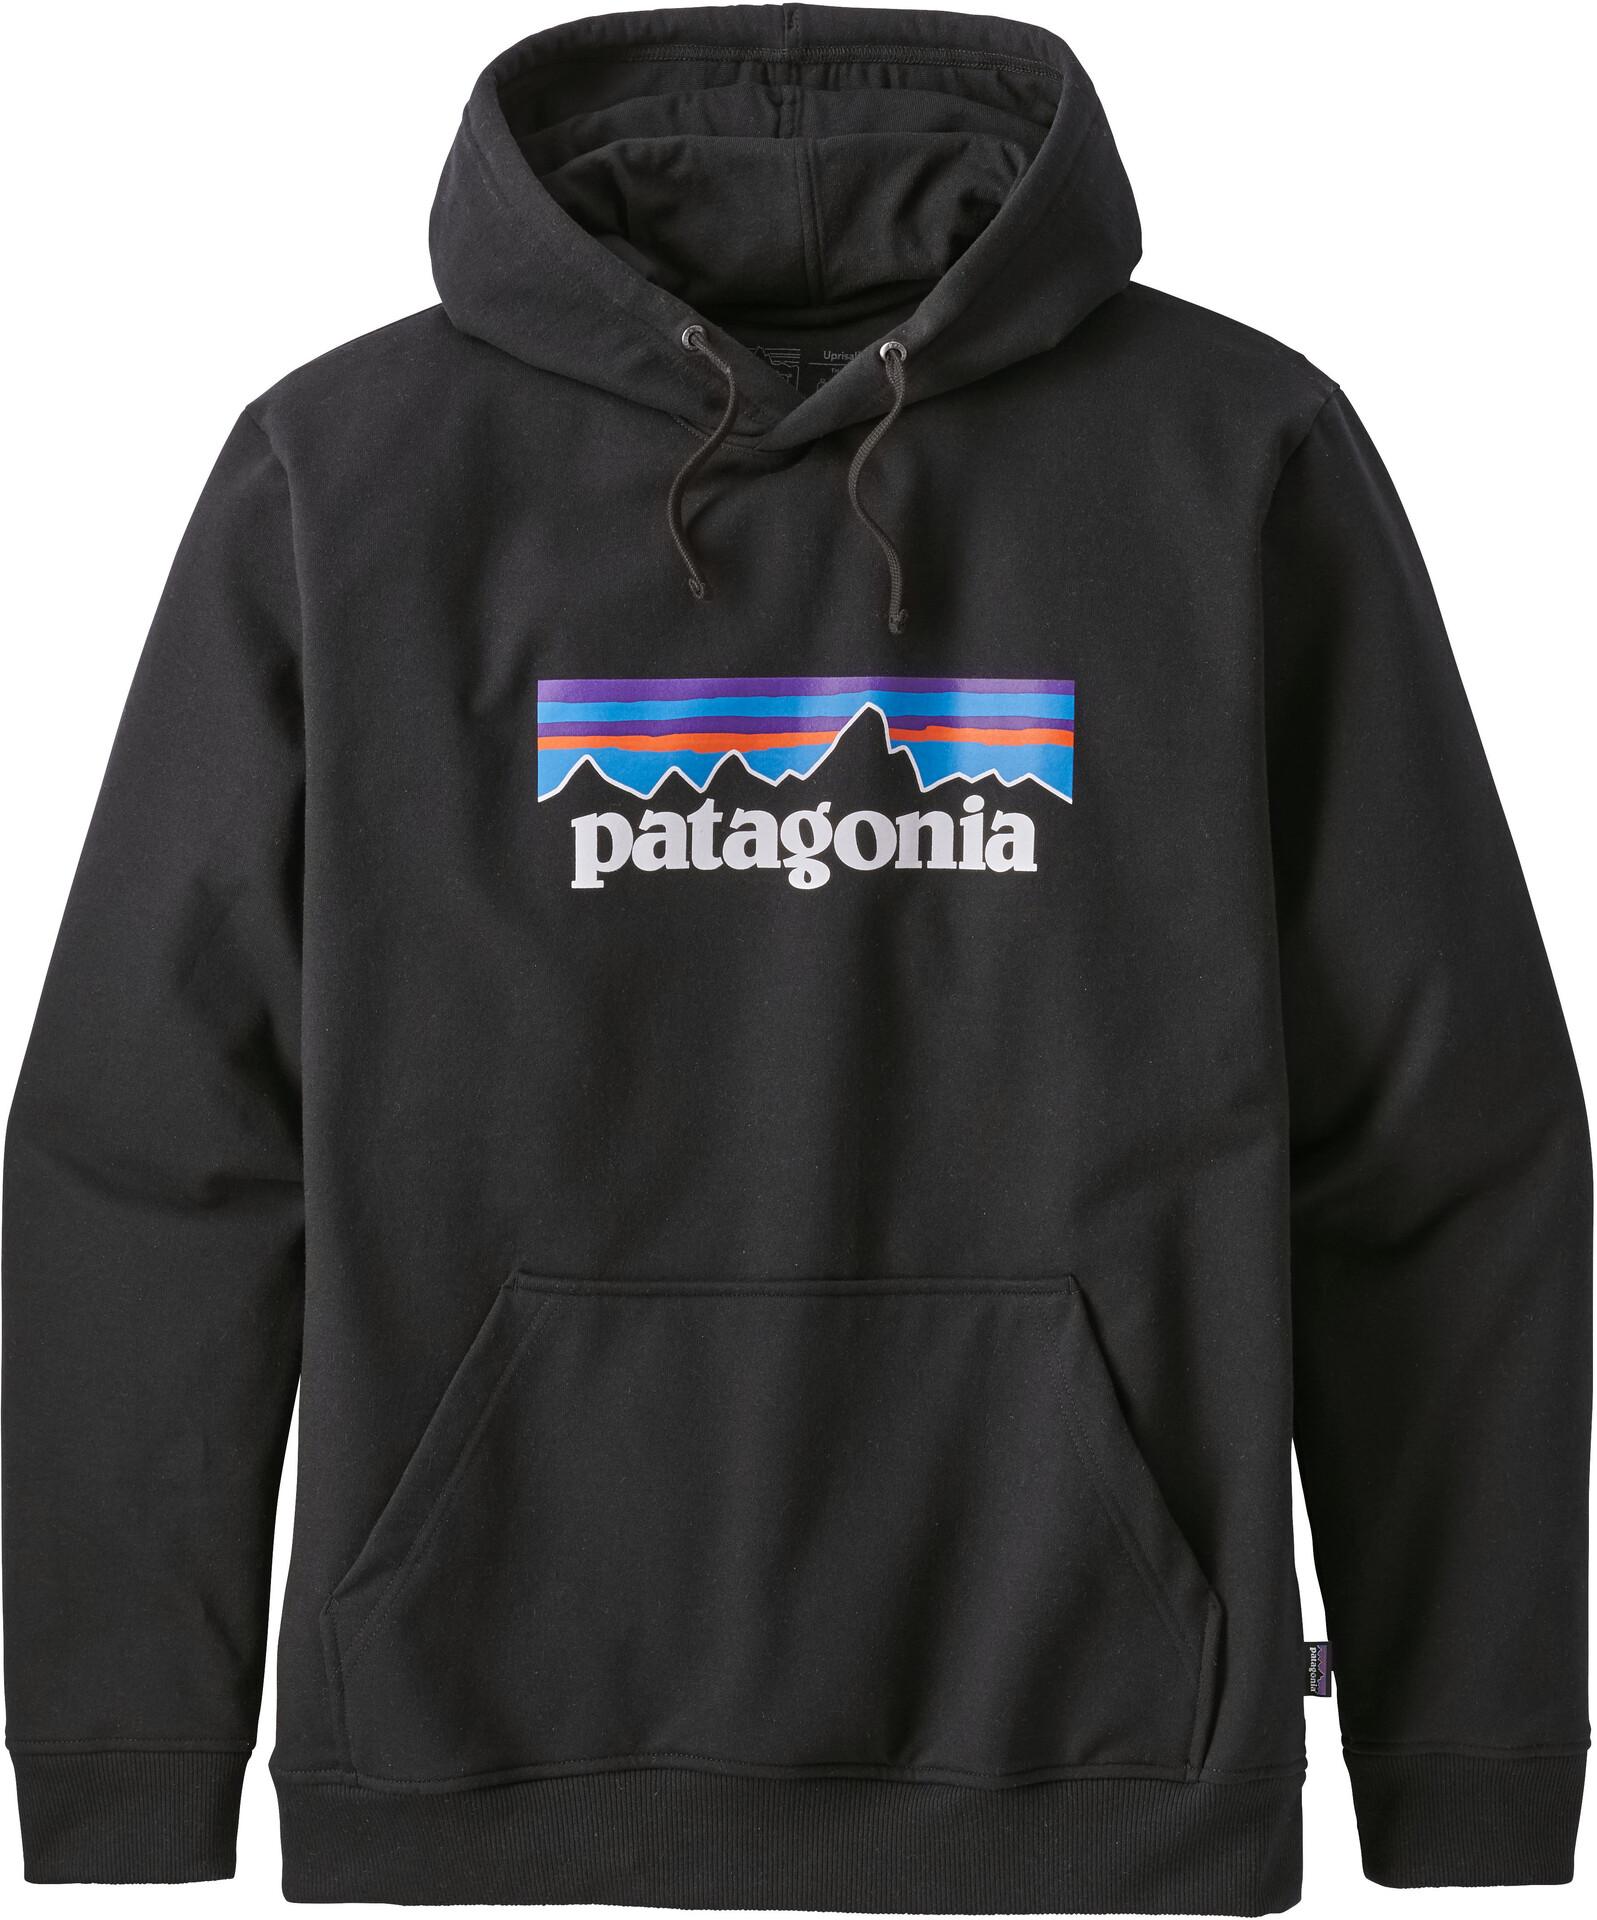 Udsalg Med Bedste Kvalitet Og Stor Rabat Patagonia Herrer